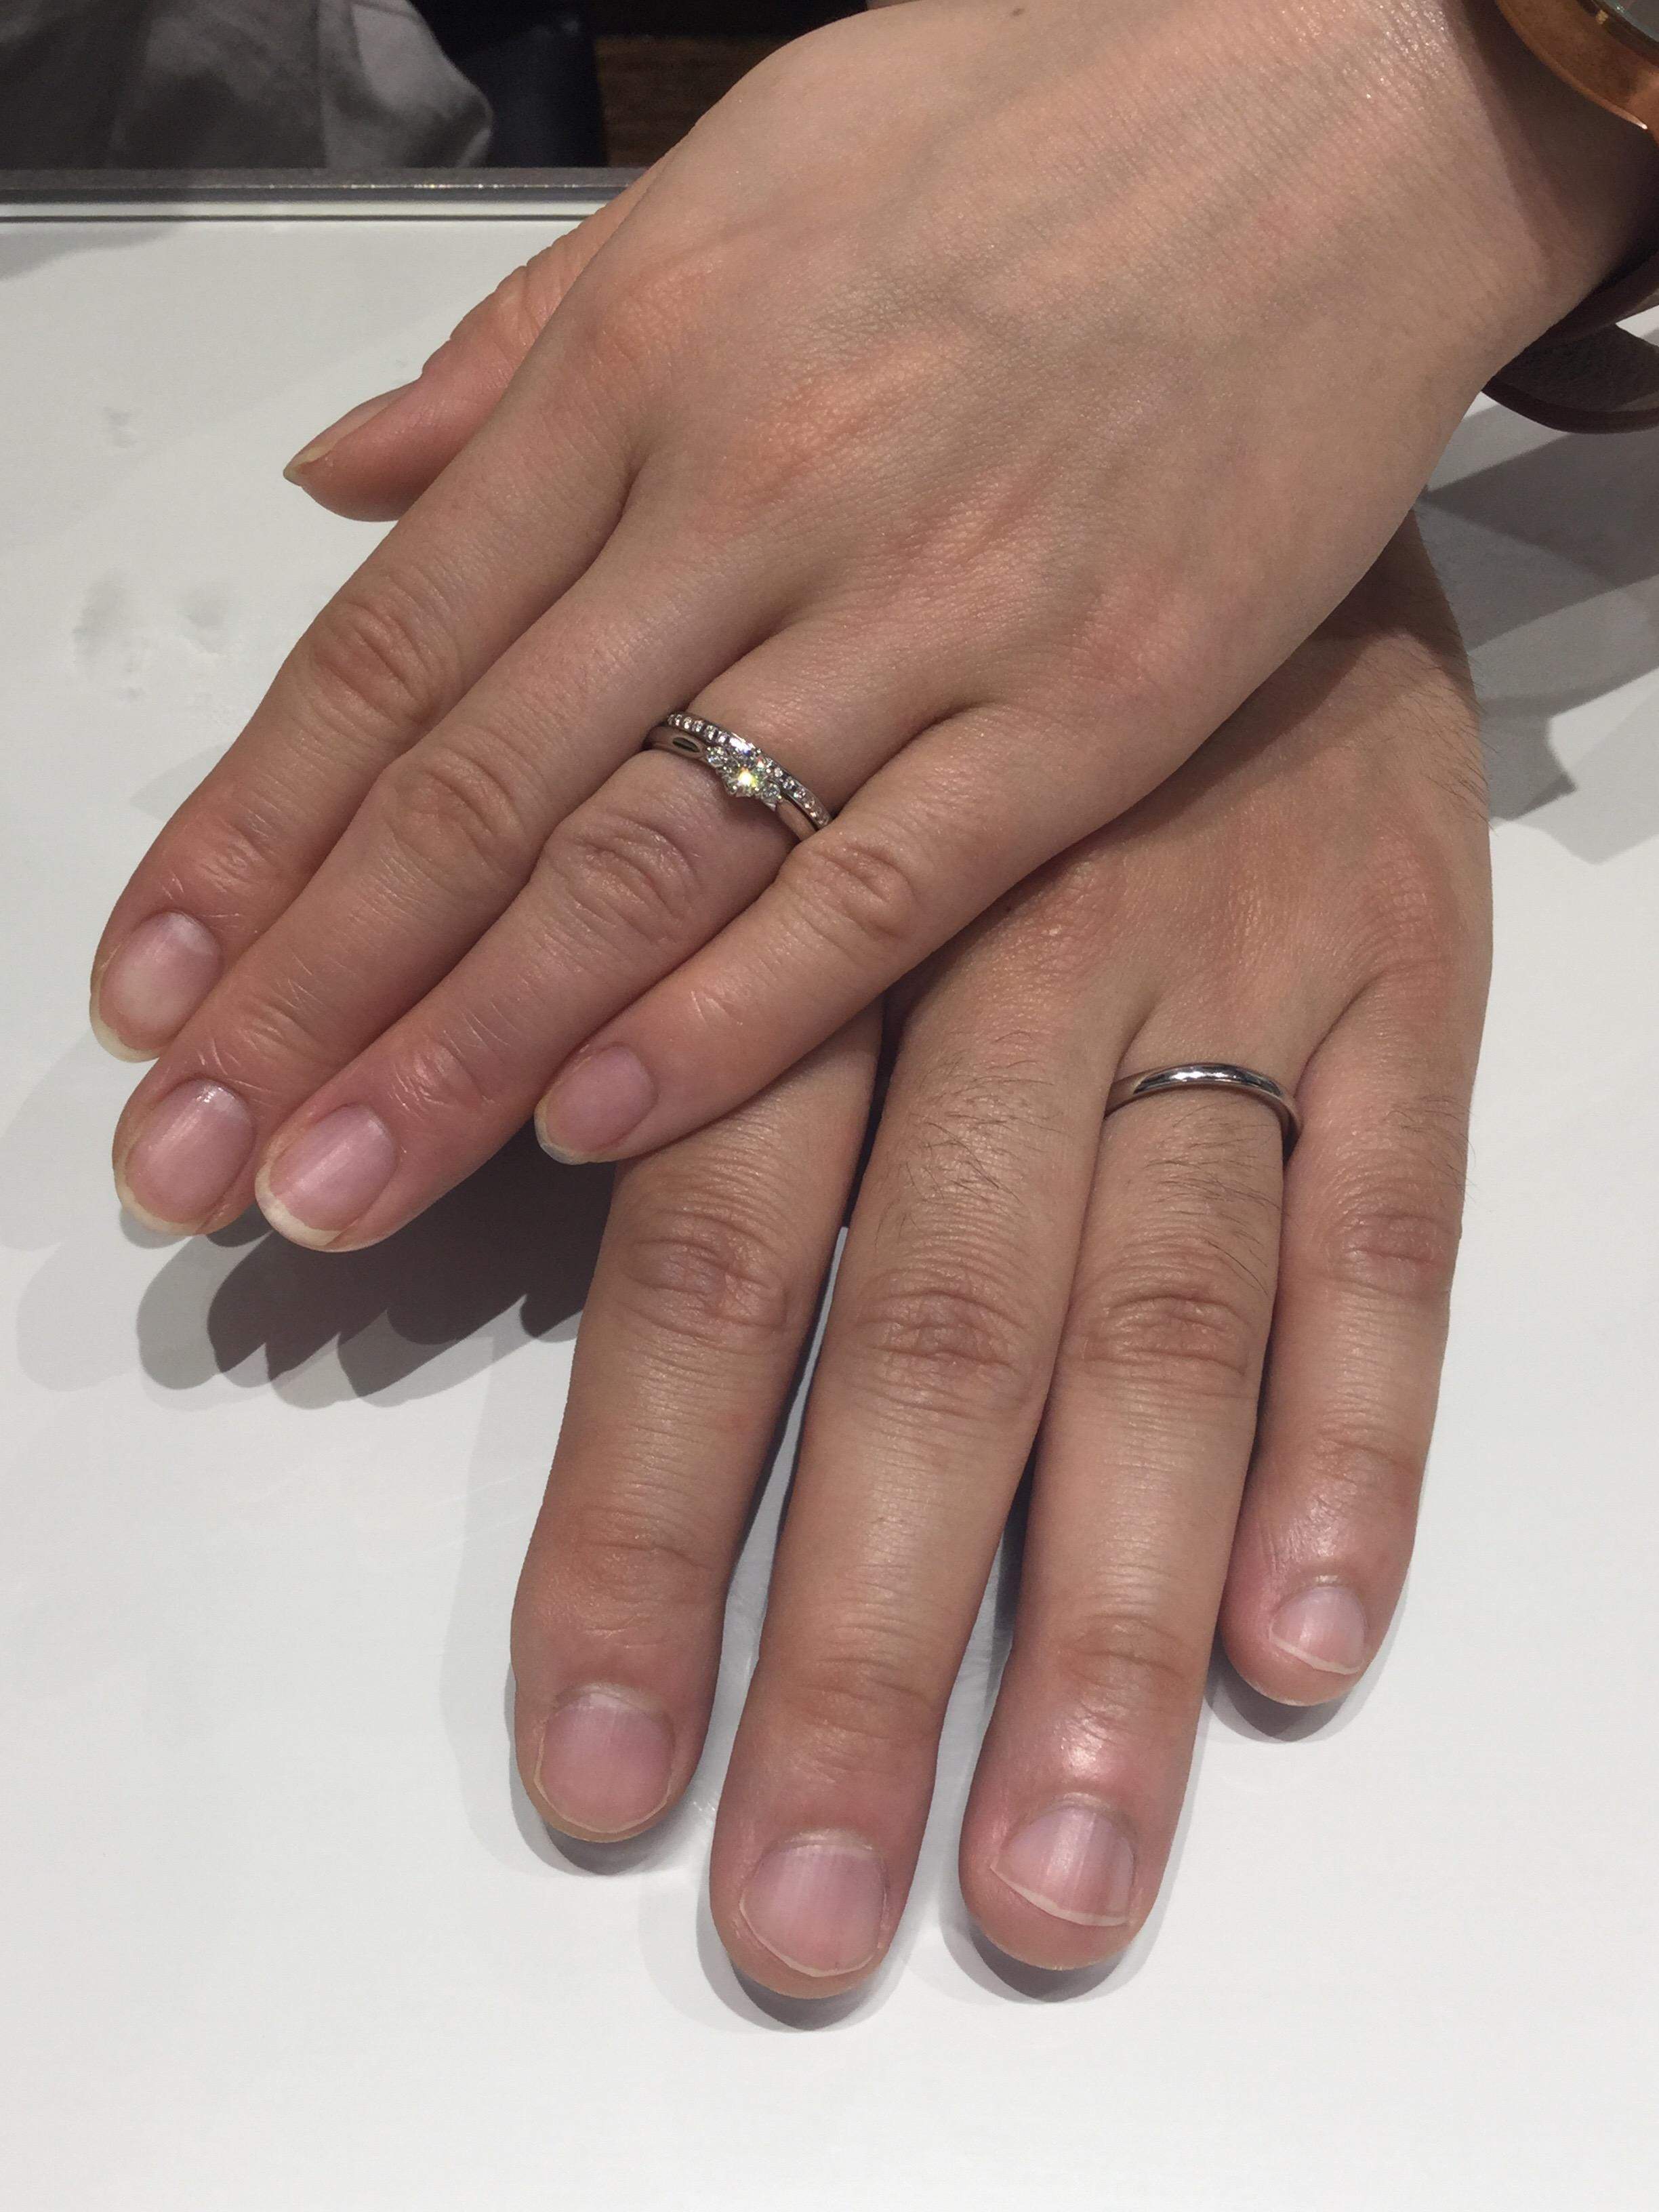 【俄(にわか)】婚約指輪「白鈴」結婚指輪「かれん」をご成約/山形県伊藤様&上野様